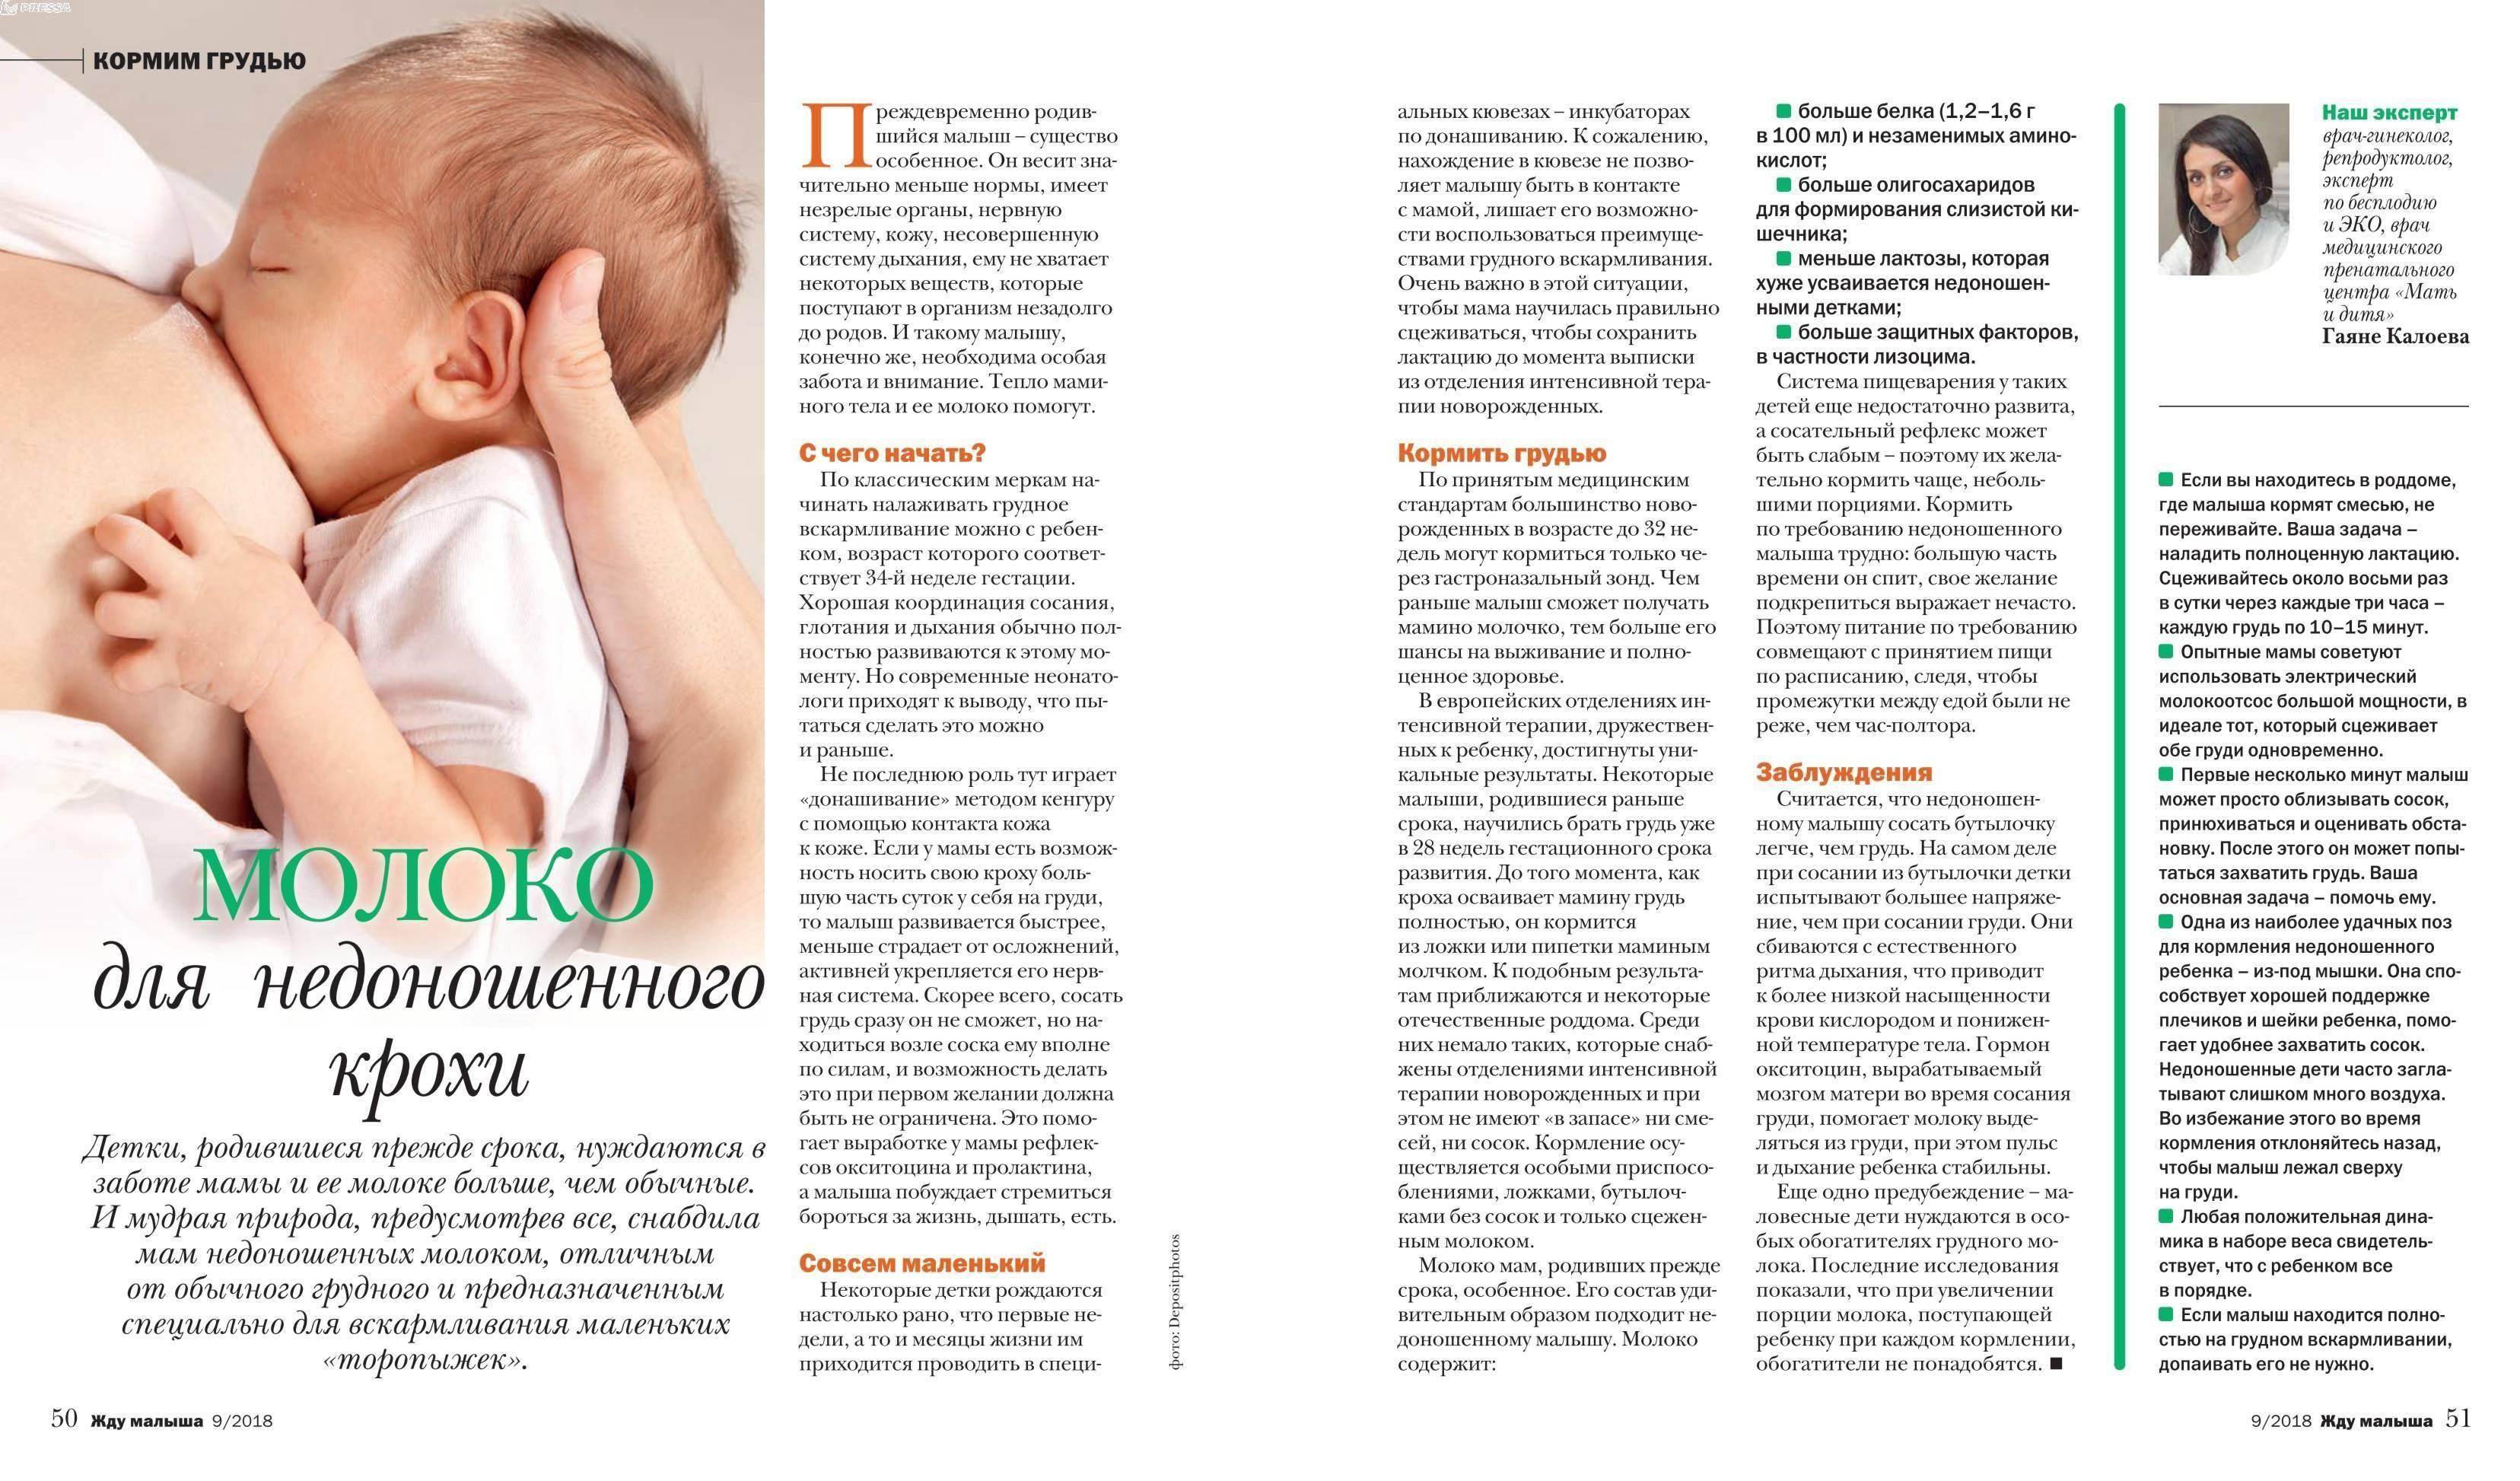 Первые дни кормления грудью ребенка. 10 правил успешного вскармливания